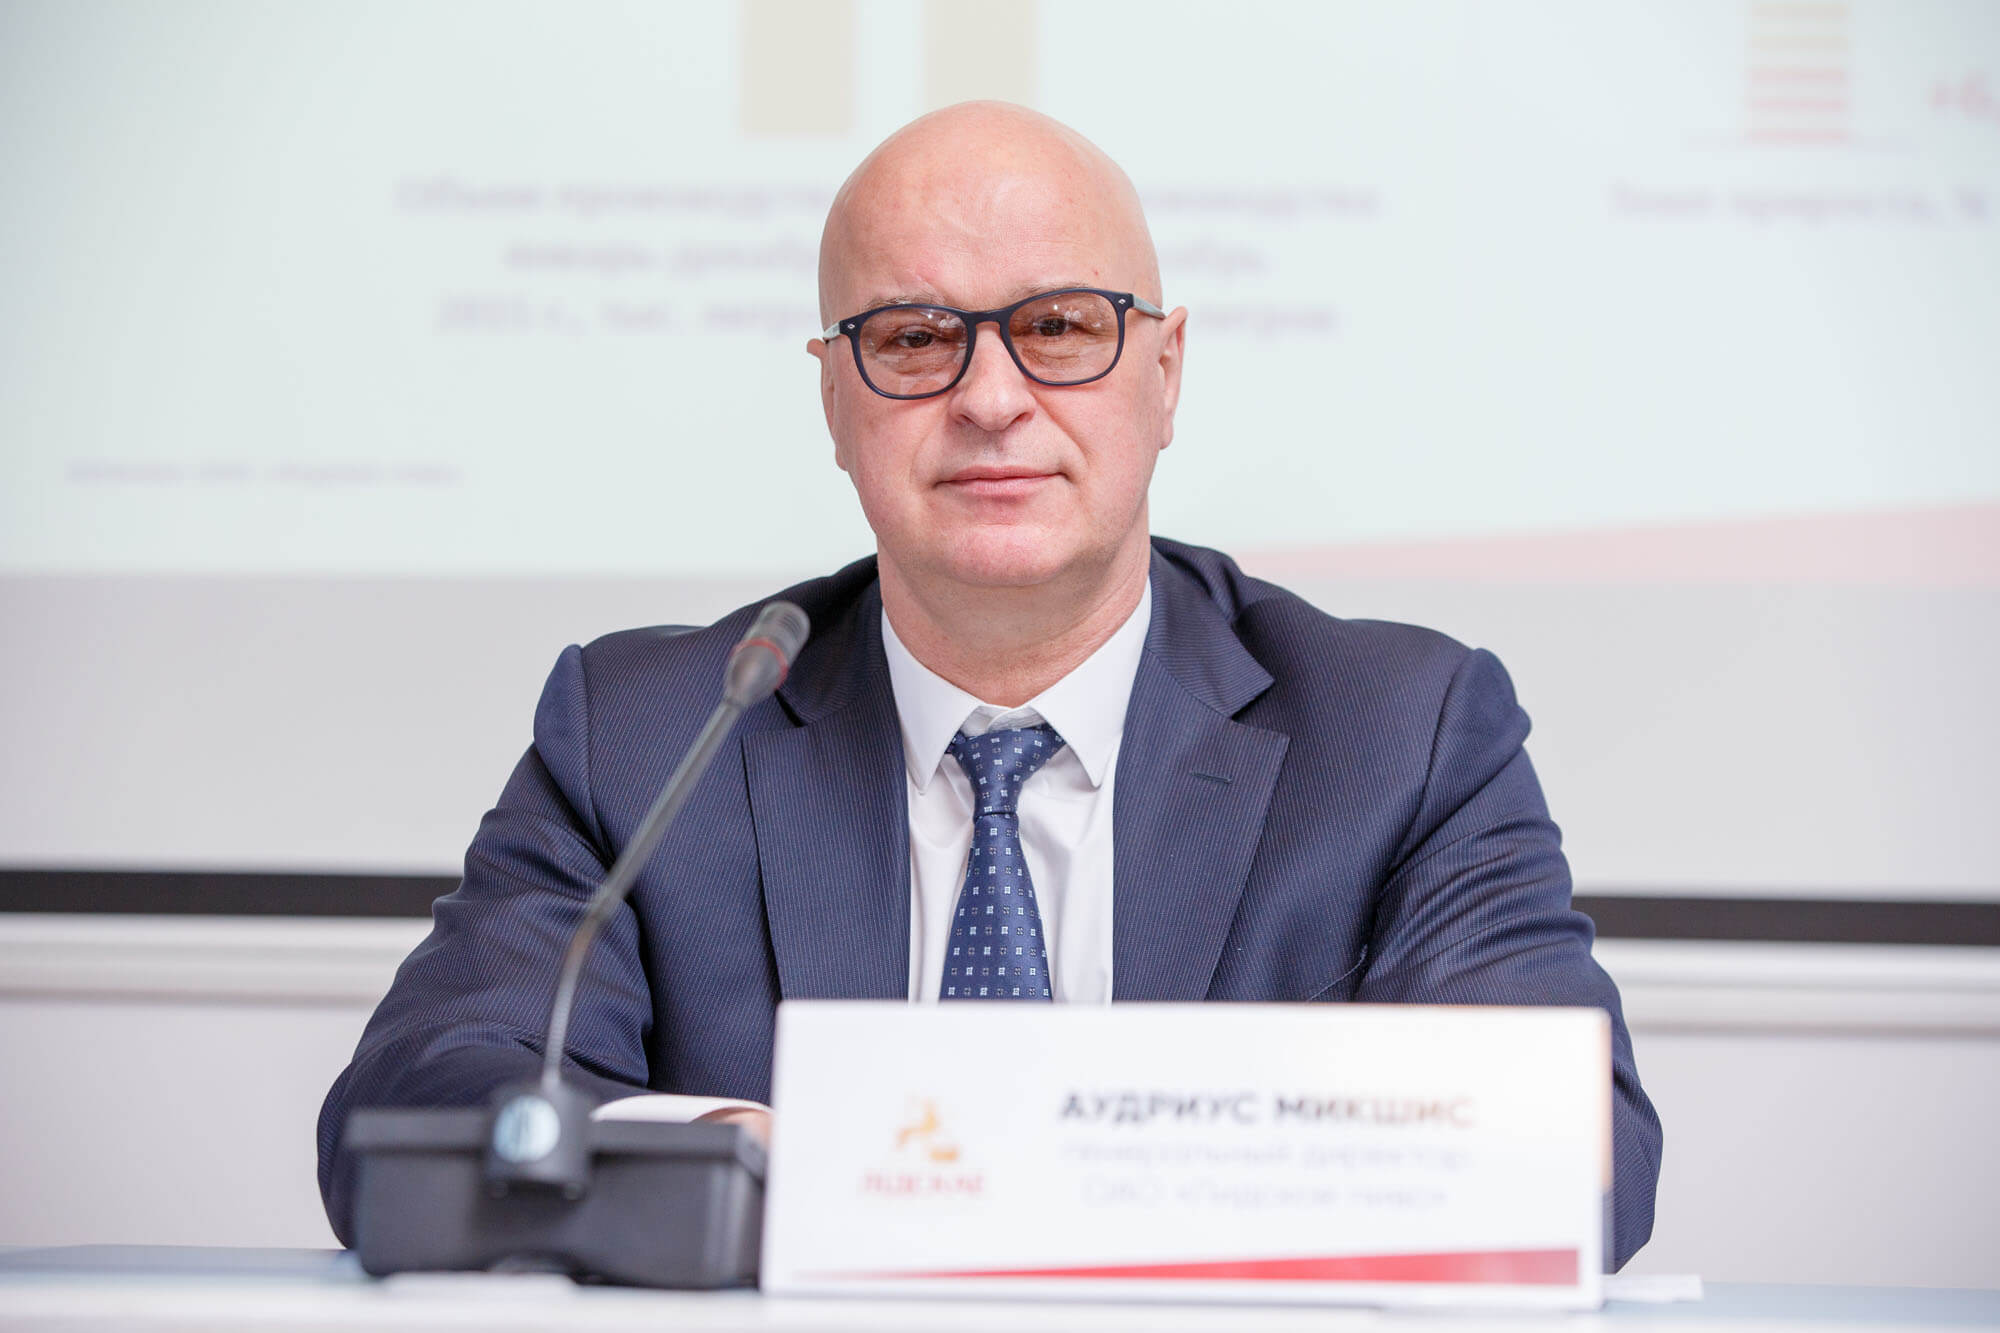 Генеральный директор «Лидского пива» Аудриус Микшис